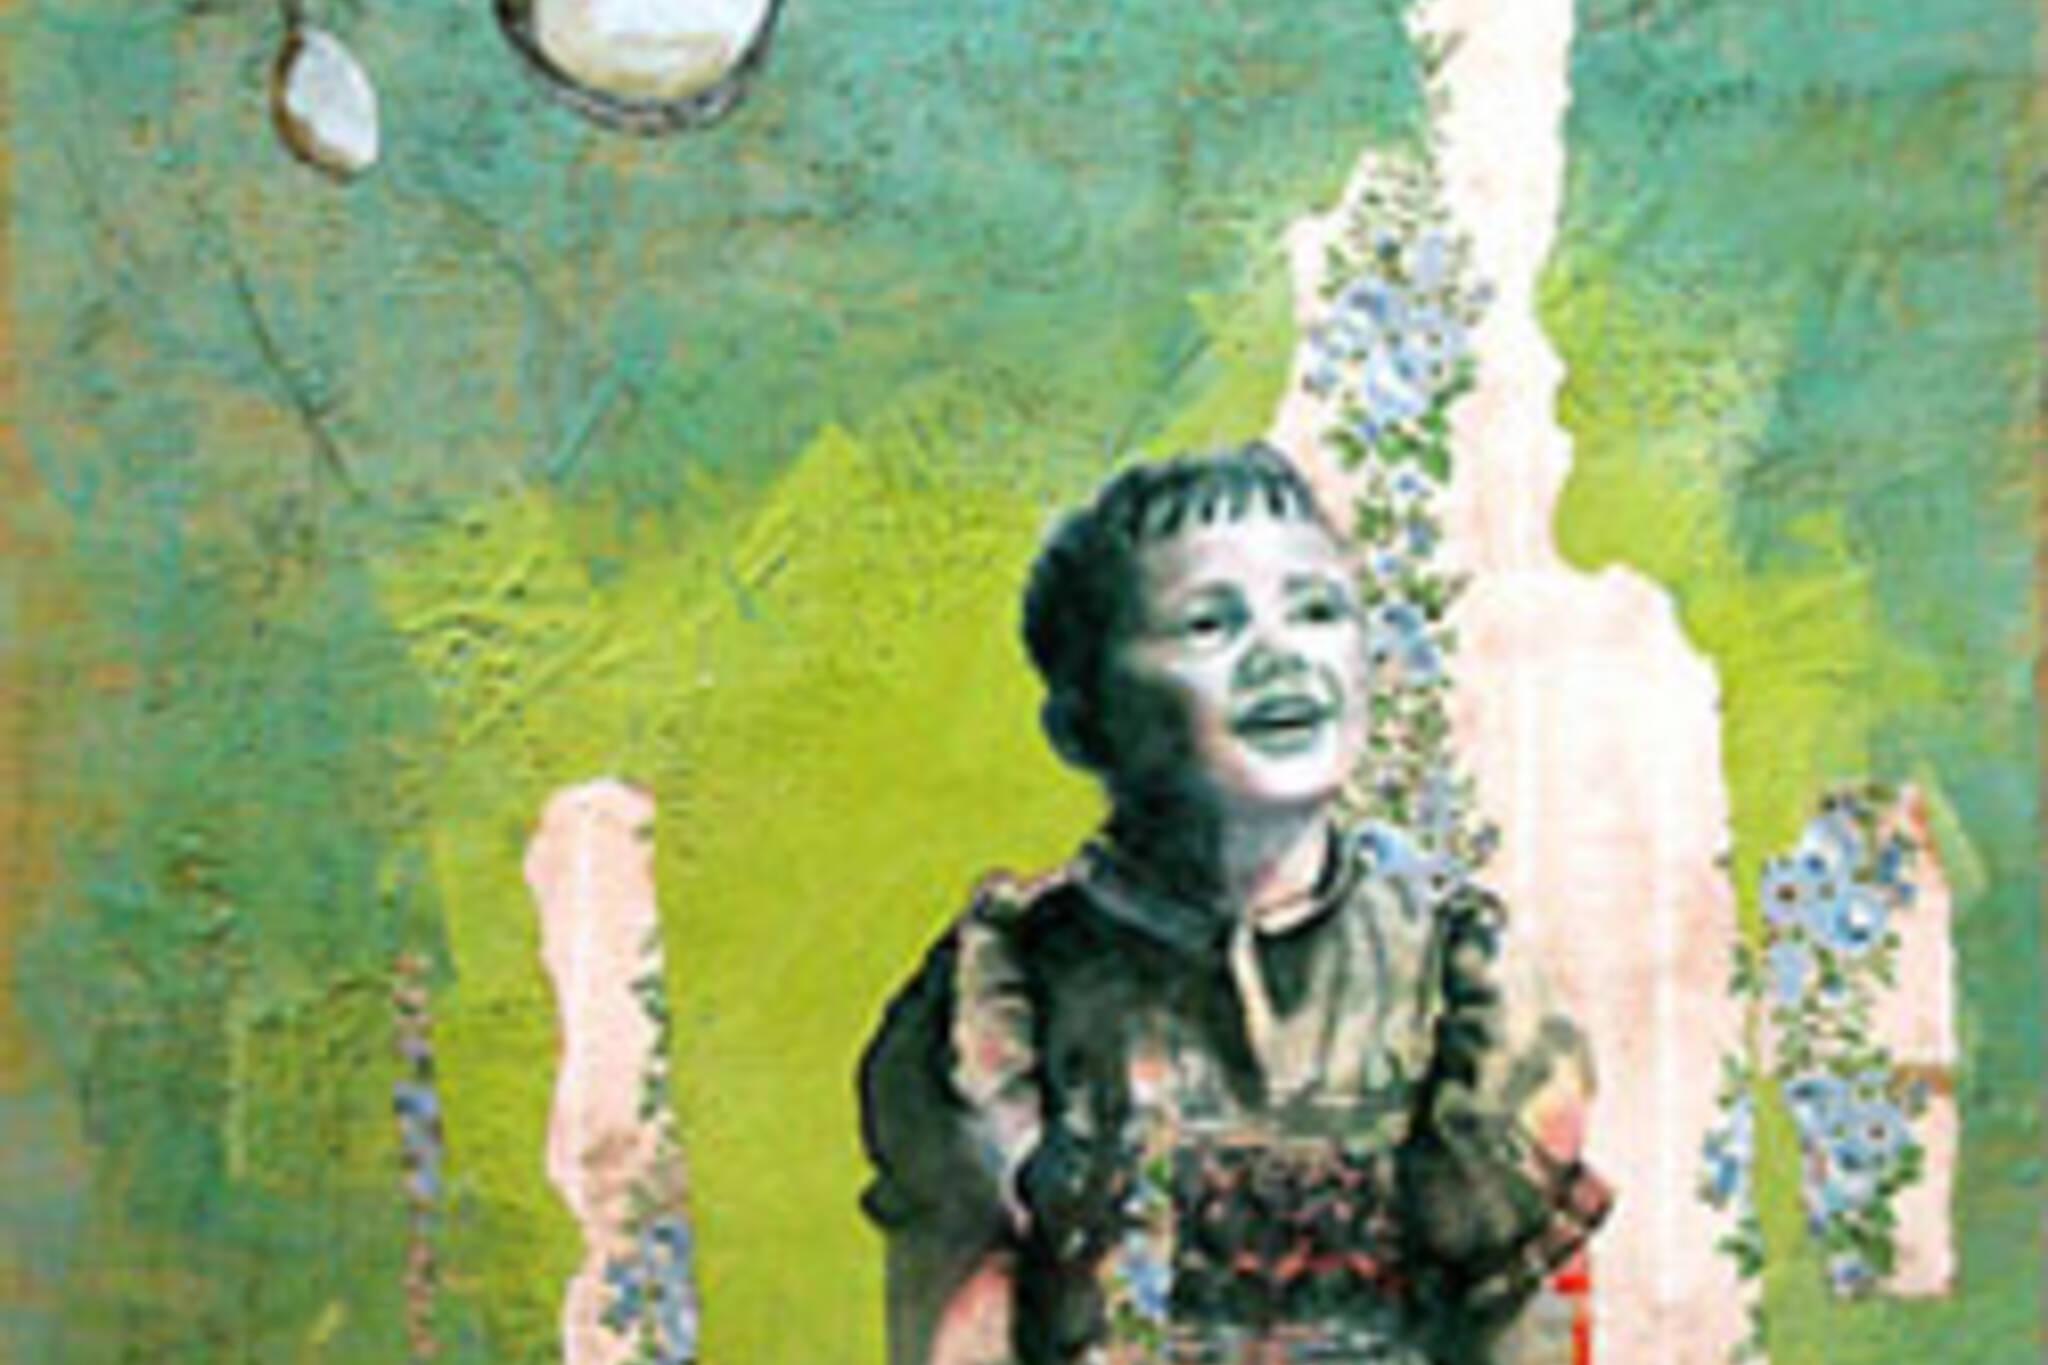 Avocado Dreams, Mixed media on wood panel, 48 x 36